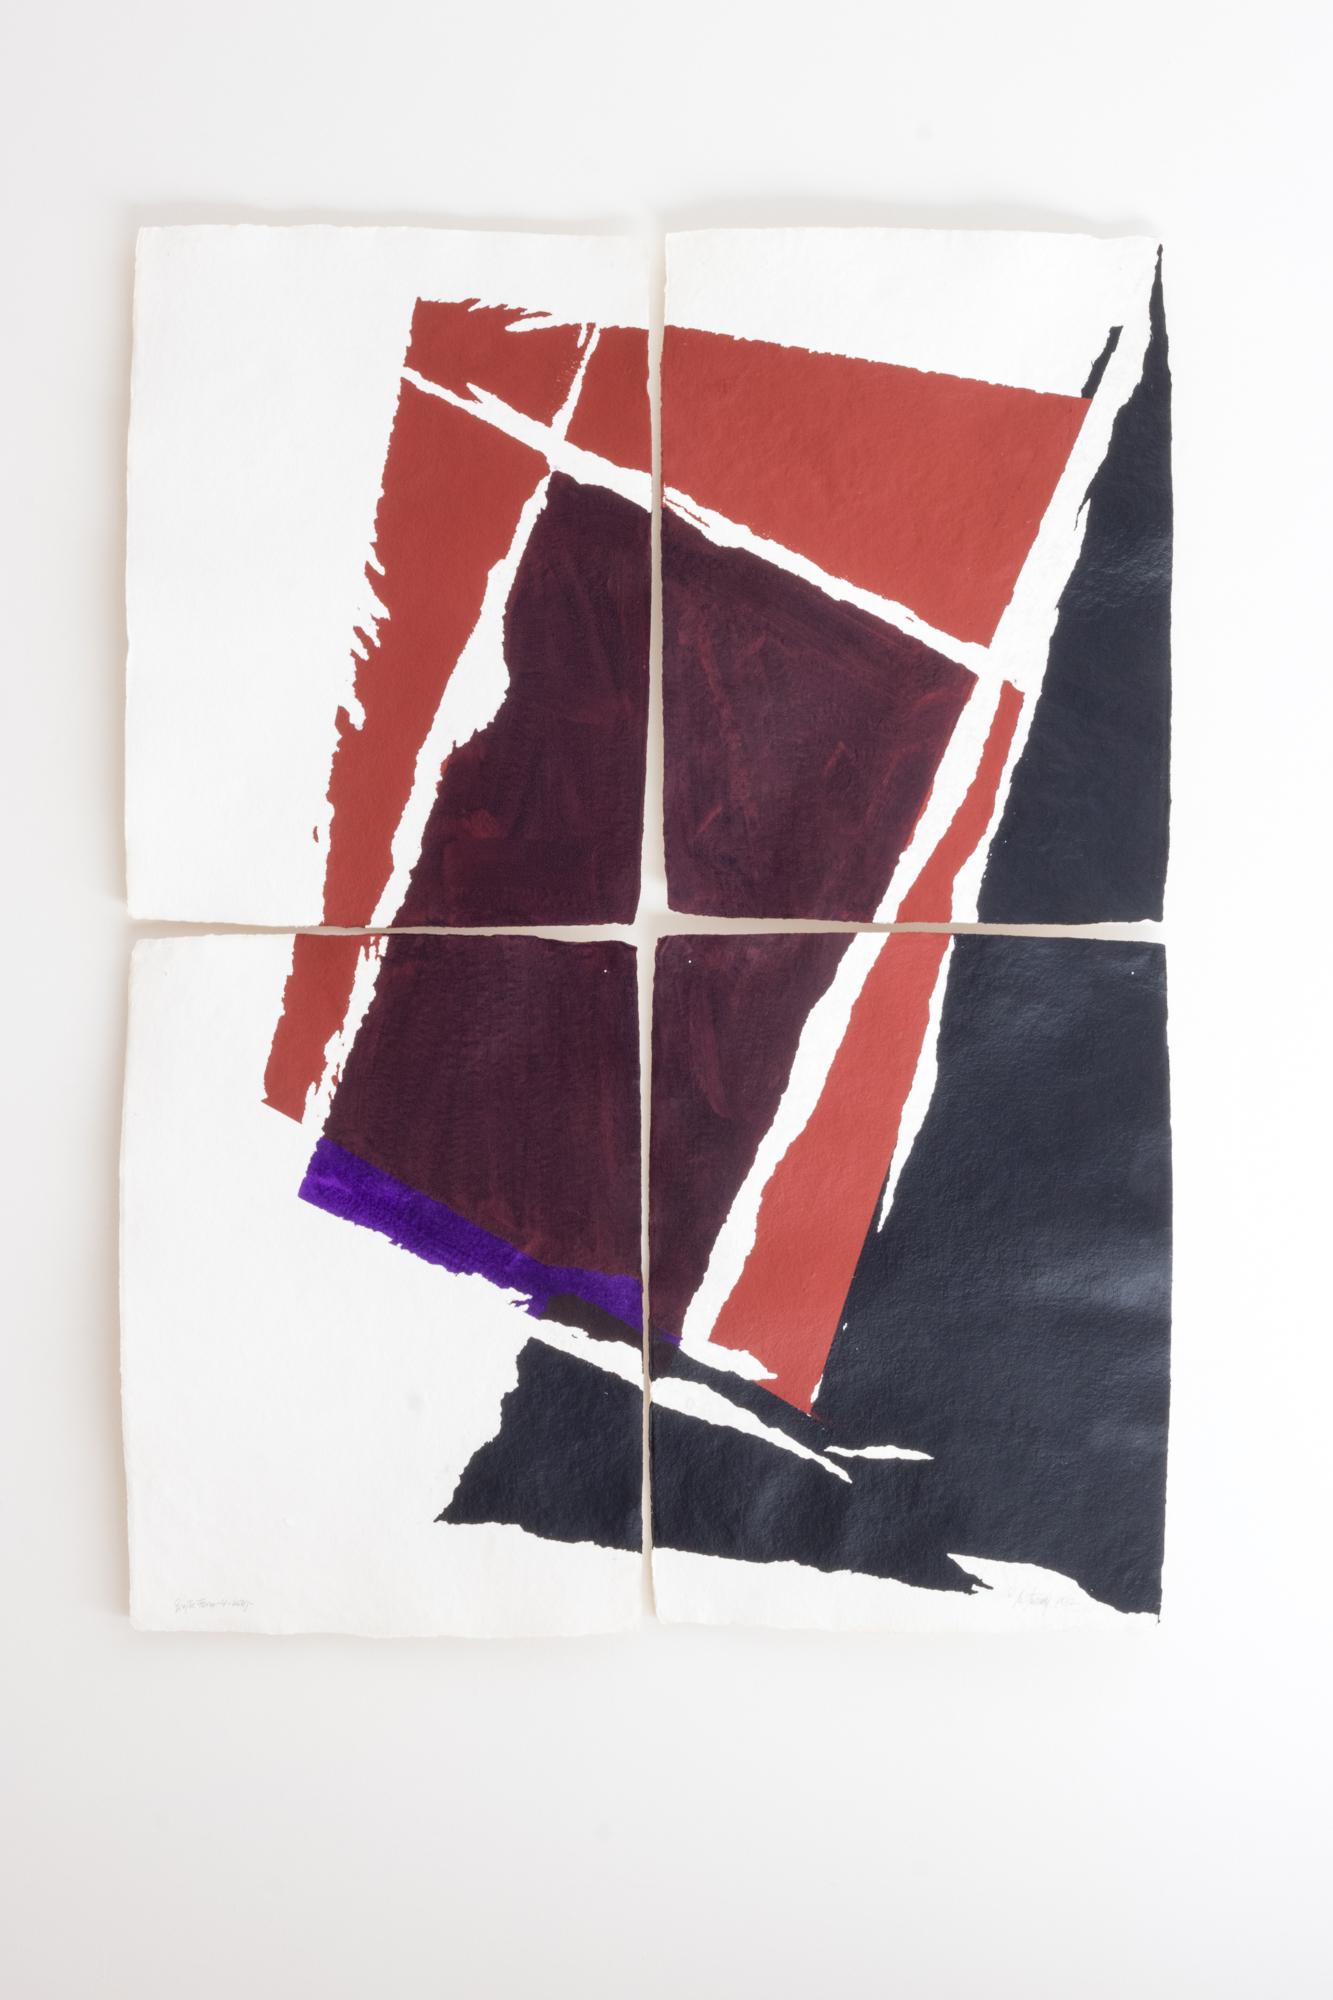 Norbert_Thomas_Galerie_Závodný.jpg